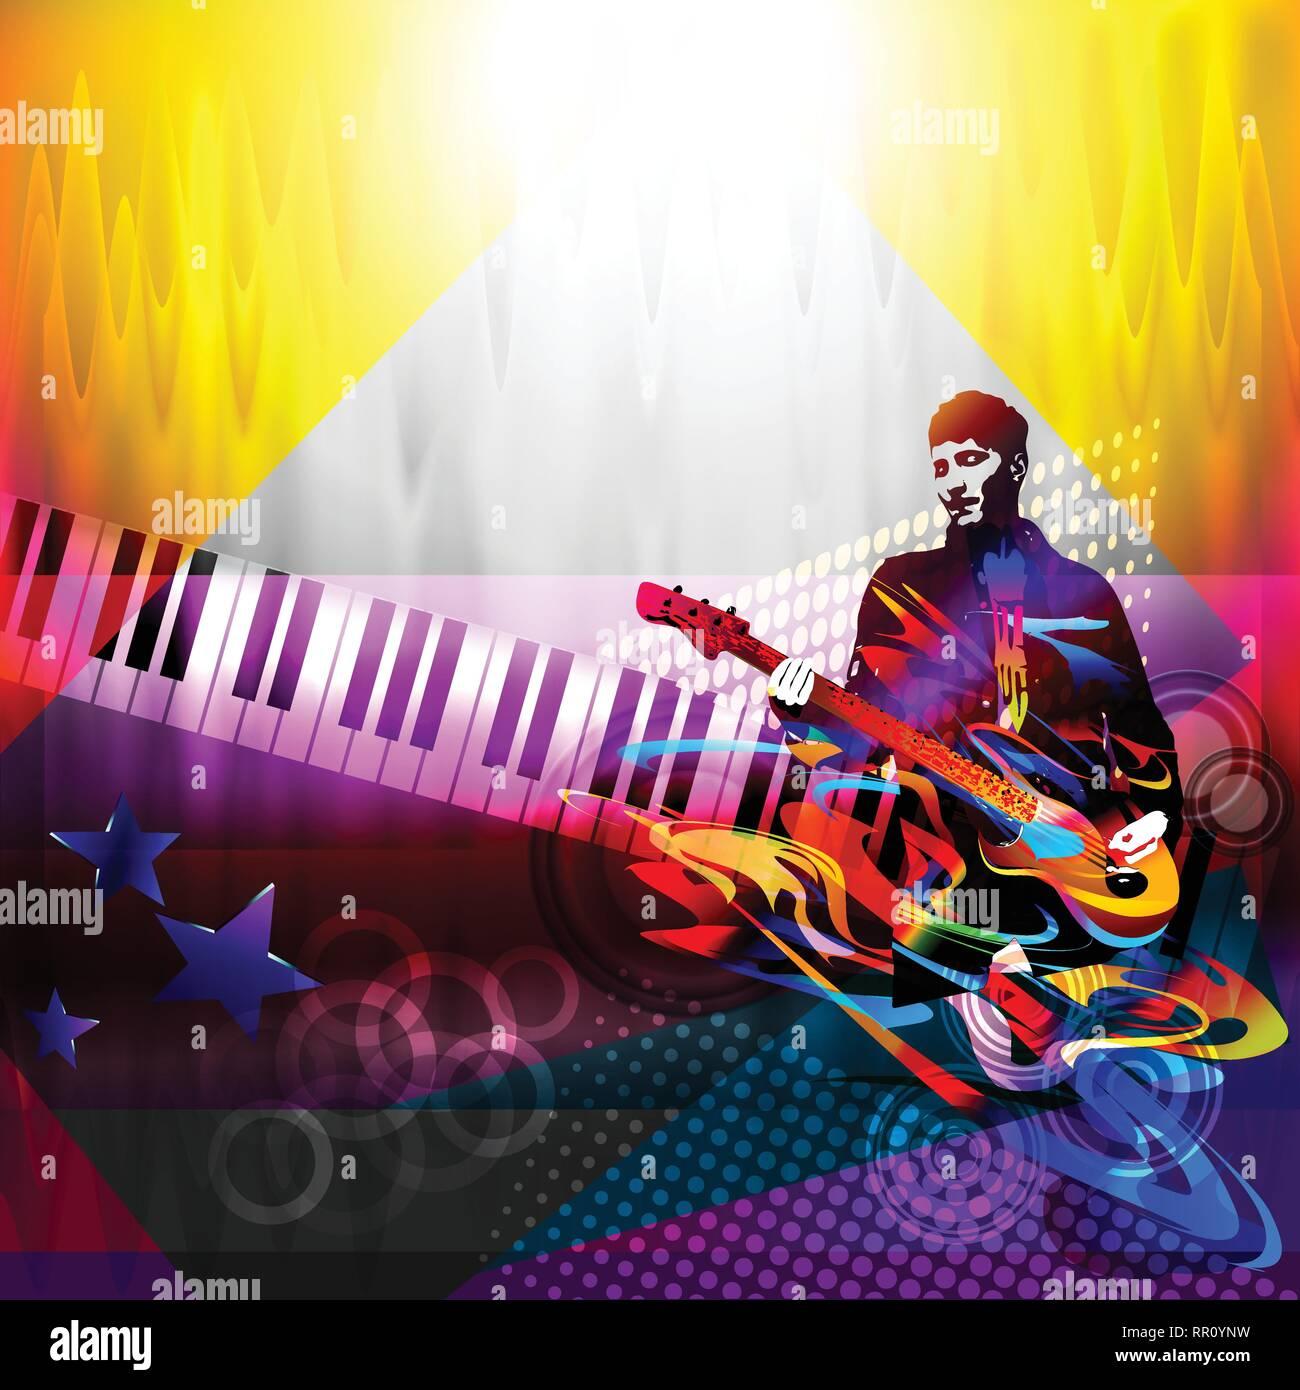 Joueur de guitare. Jazz, rock music festival Photo Stock